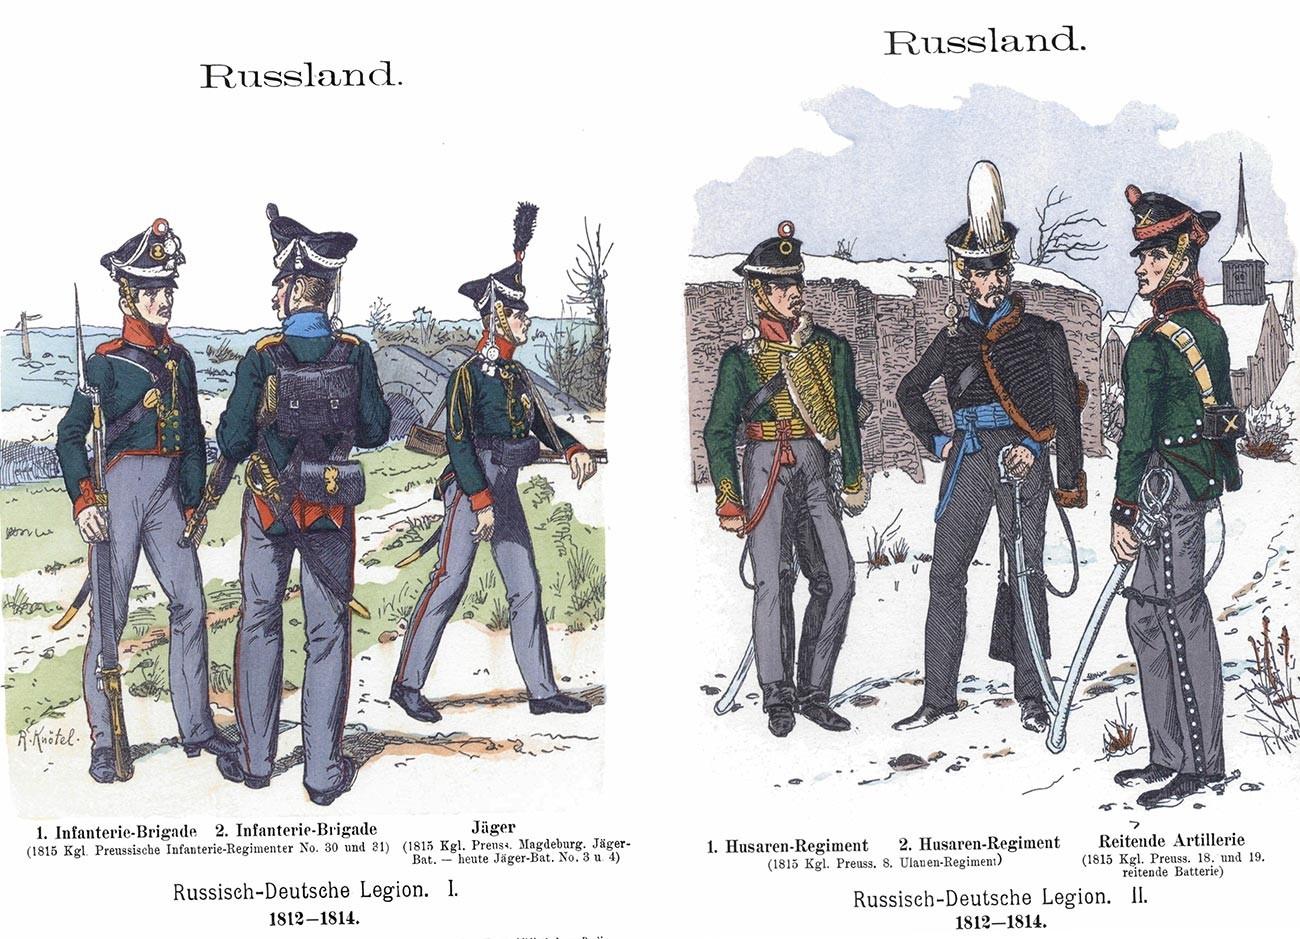 Rusko-nemška legija 1812-1814. Pehotna brigada in strelec (Jäger); 2. huzarski polk, konjeniška artilerija